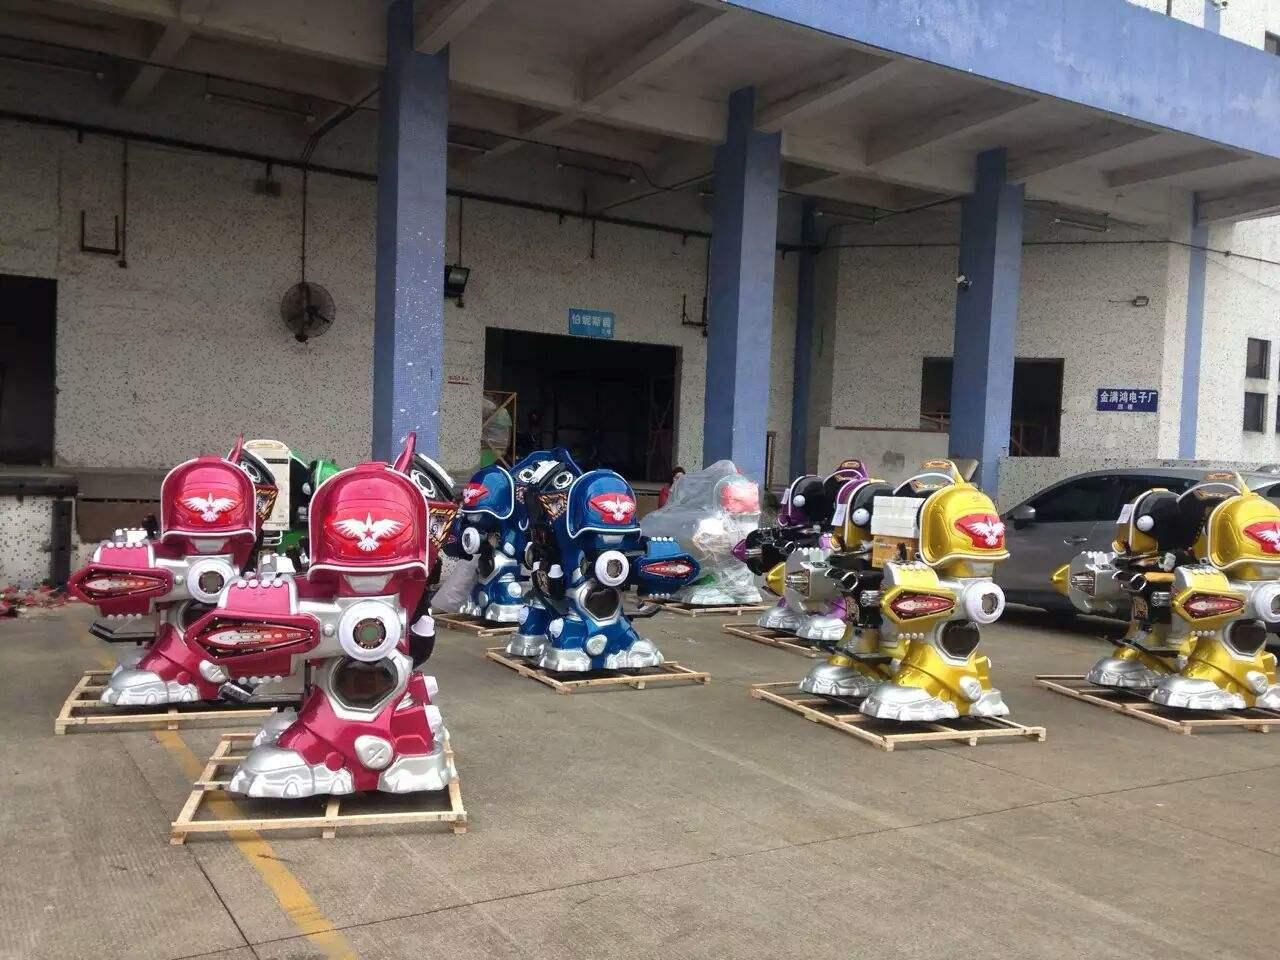 大洋广场小投资项目机器人战火金刚游乐设备 广场行走可乐侠机器人示例图6